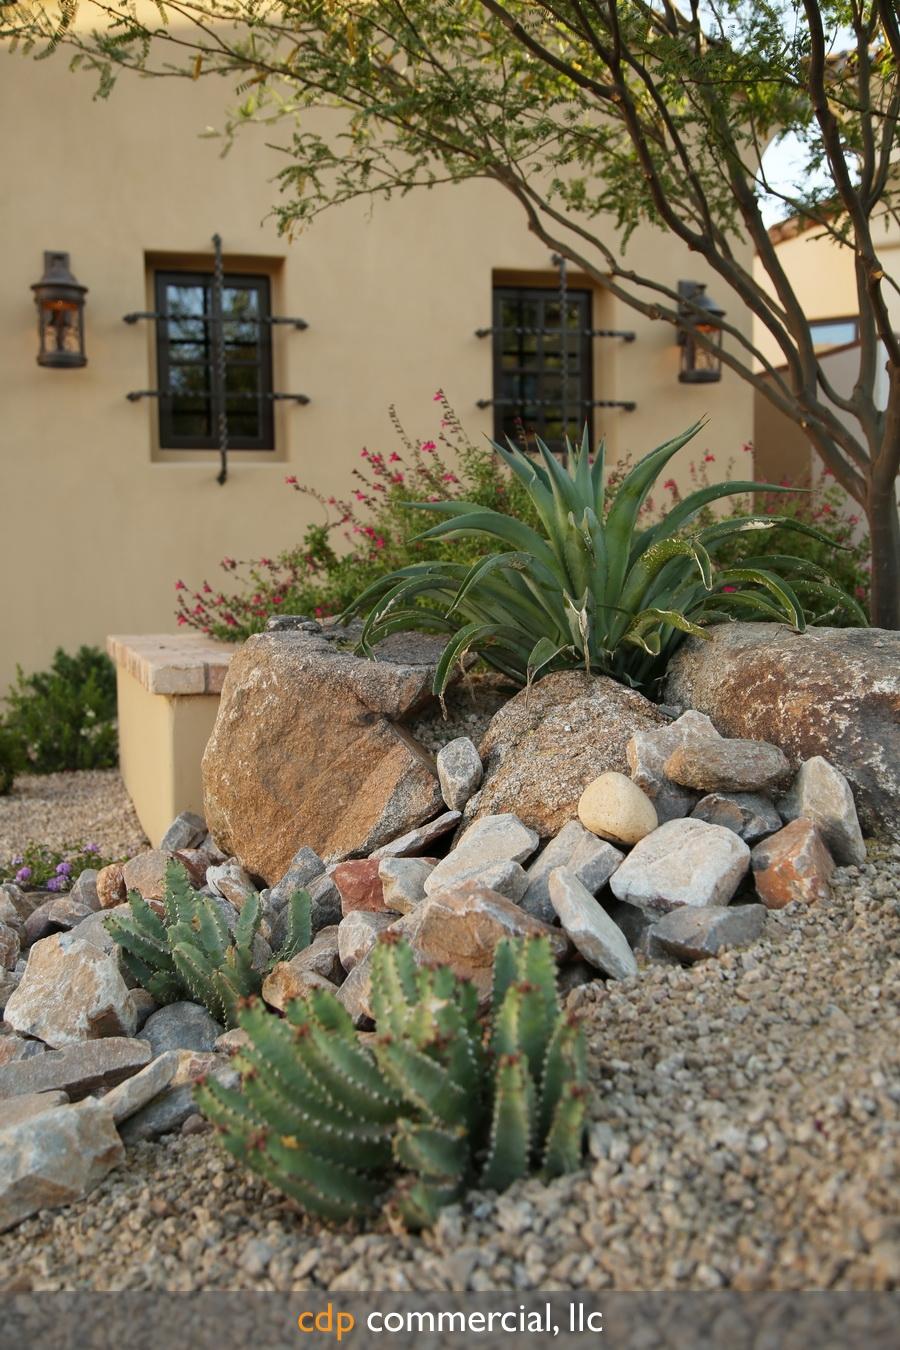 desert-springs--residential-landscaping-cd18570